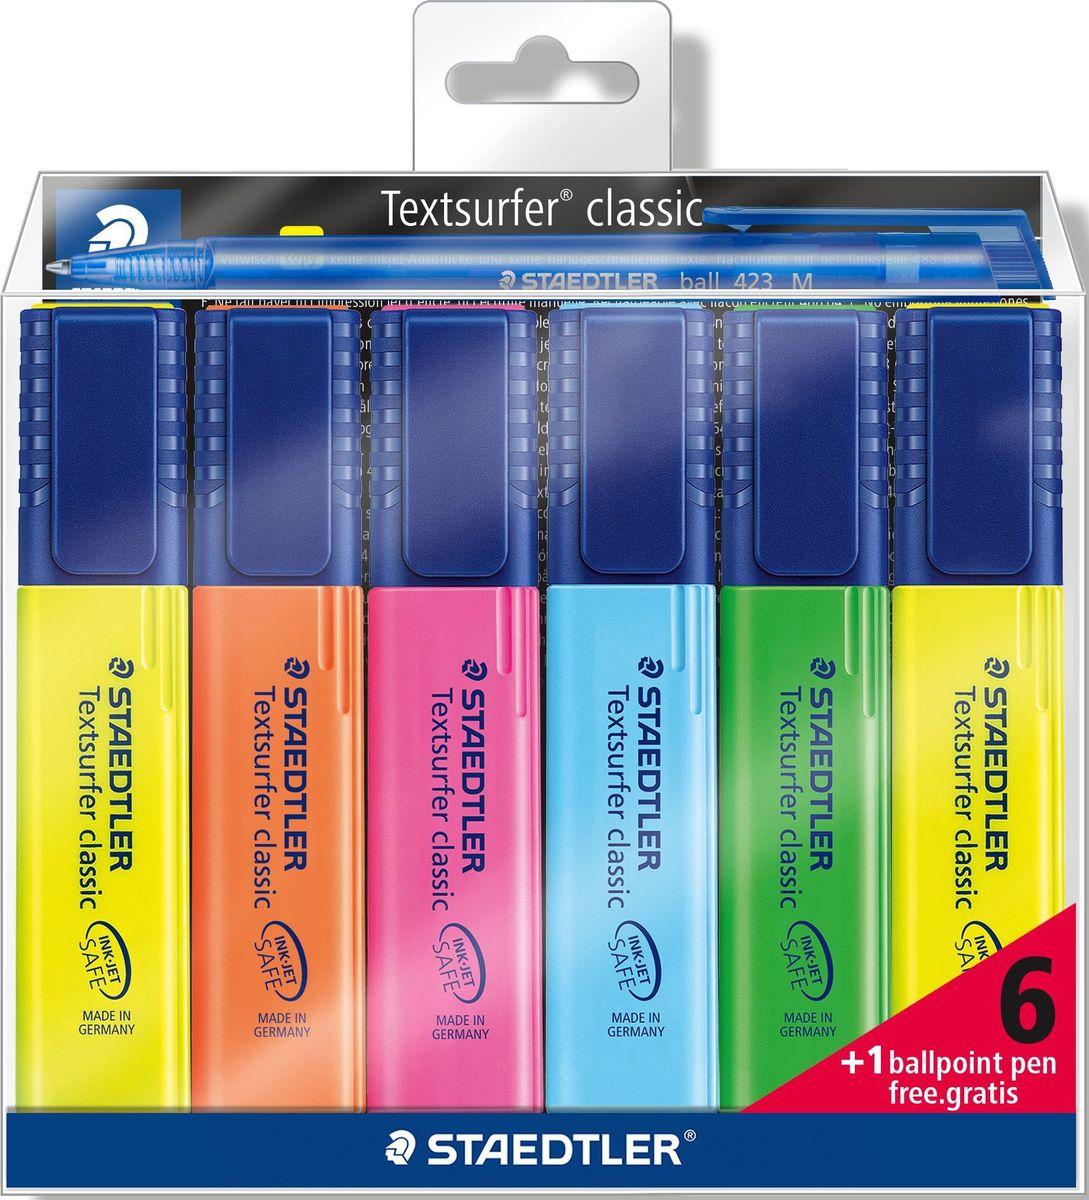 Staedtler Набор текстовыделителей Сlassic 364 6 цветов с ручкой -  Маркеры